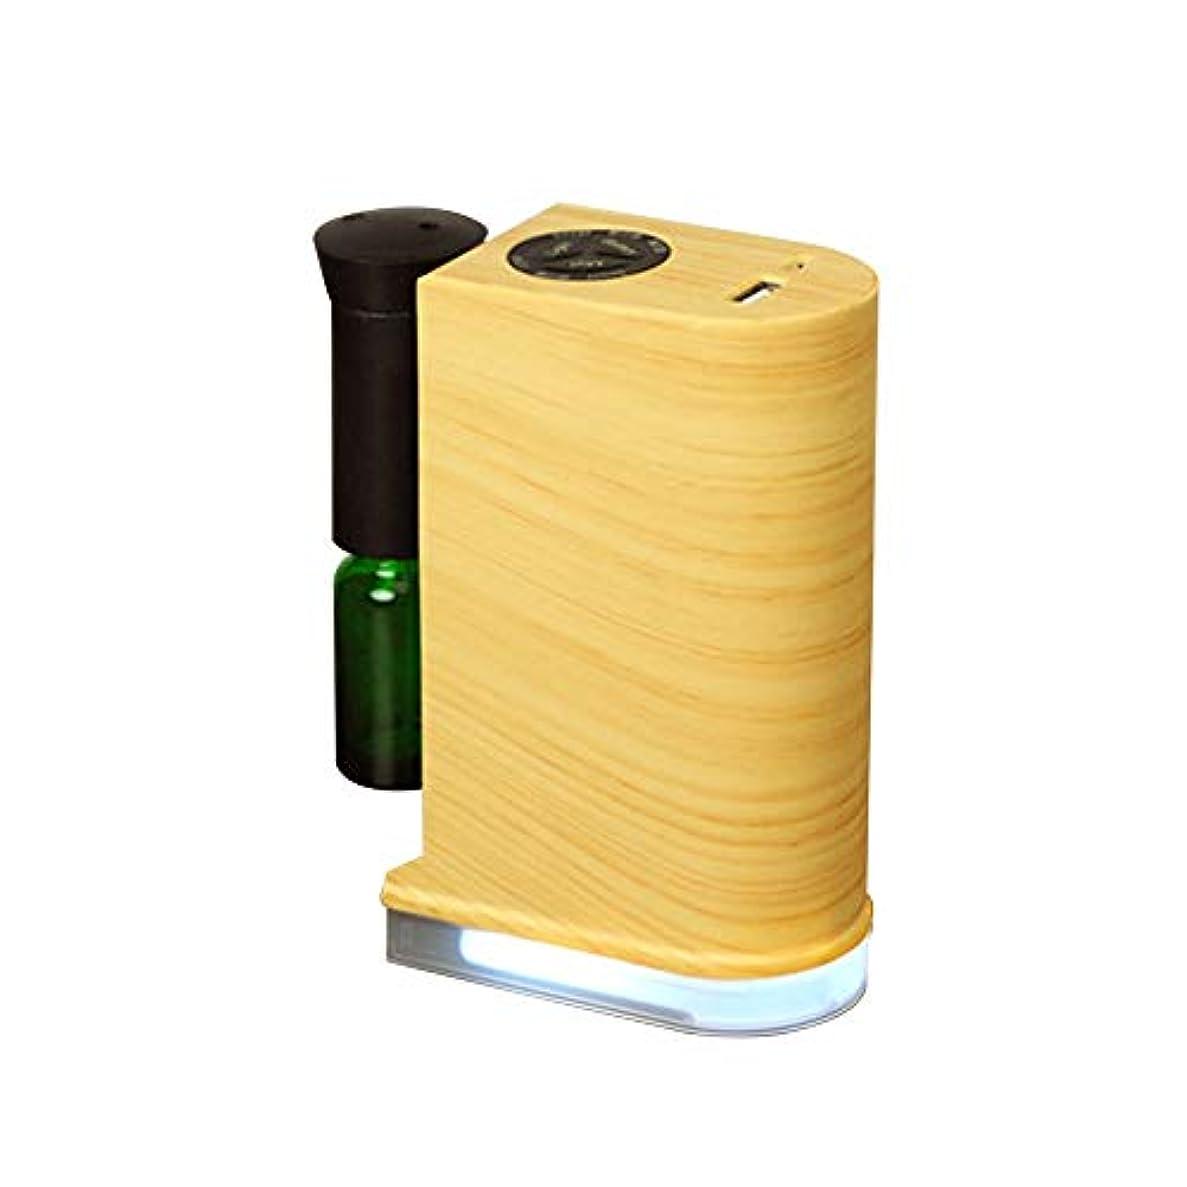 ナインへ分析的割り込みネブライザー式アロマディフューザー 水を使わない アロマオイル対応 LEDライト付き スマホ充電可能 USBポート付き 木目調 (ナチュラル)